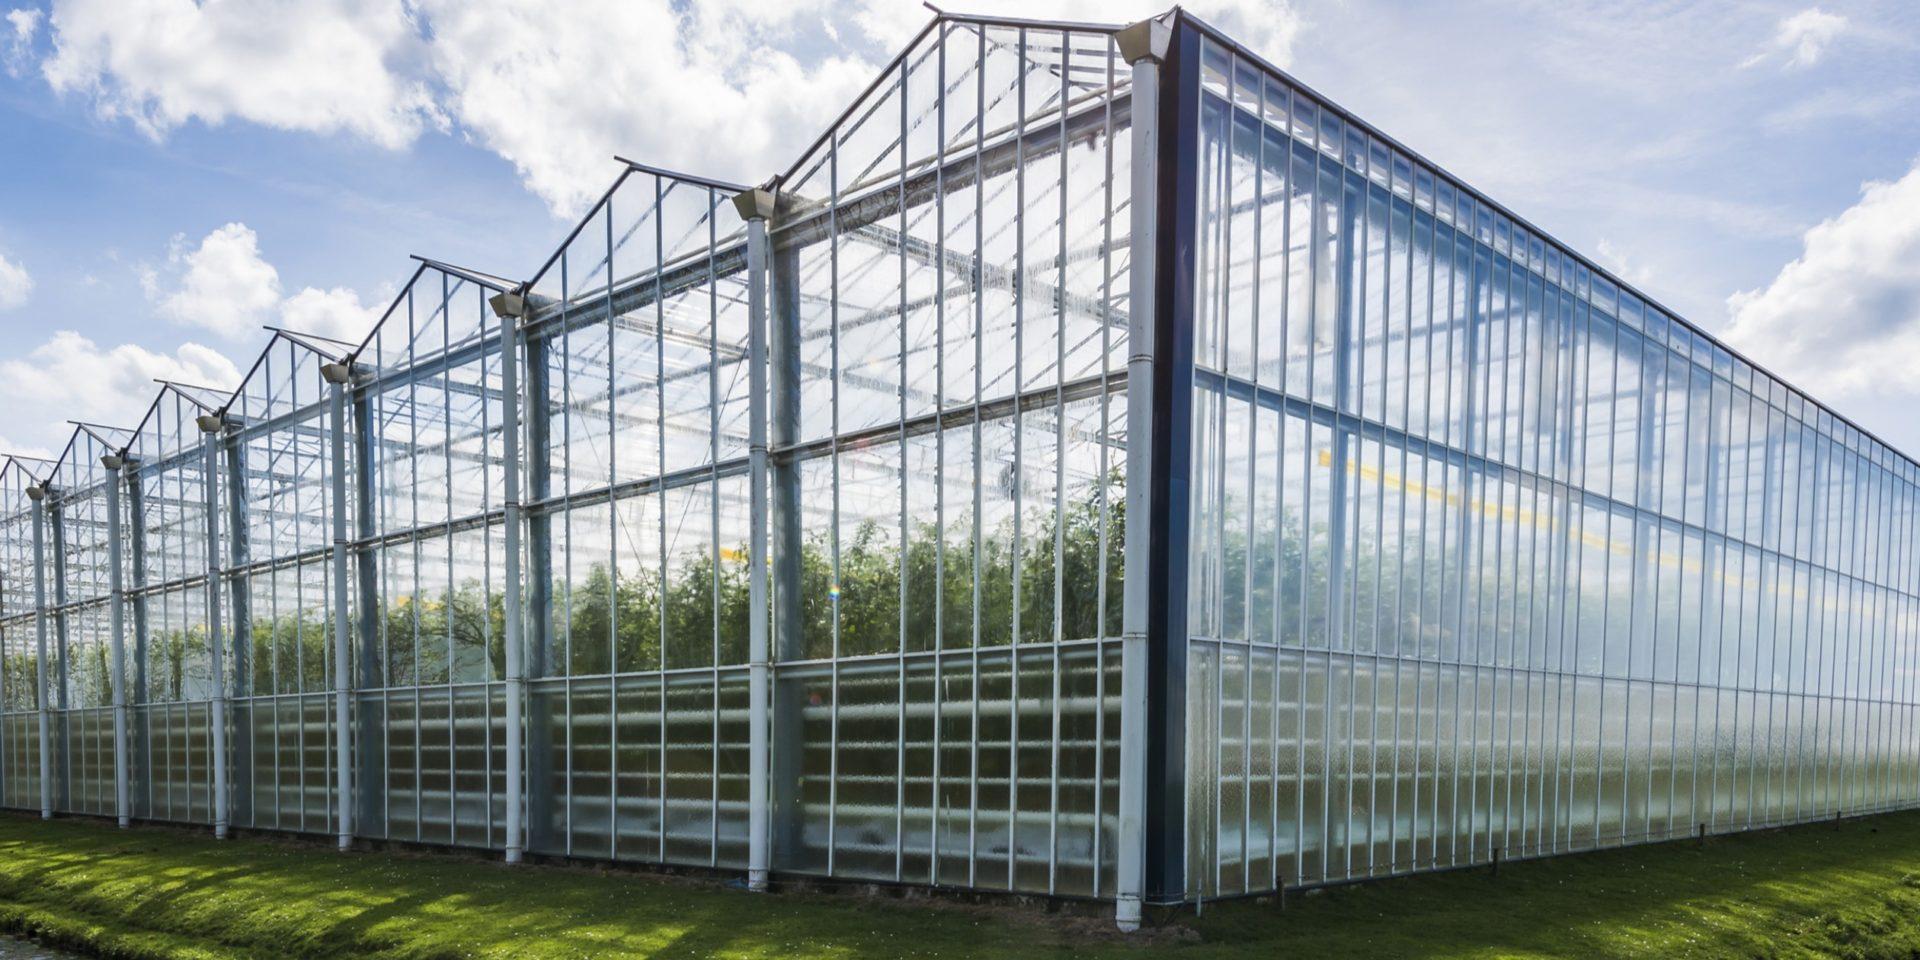 Skleník typu Venlo na hydroponické pěstování zeleniny